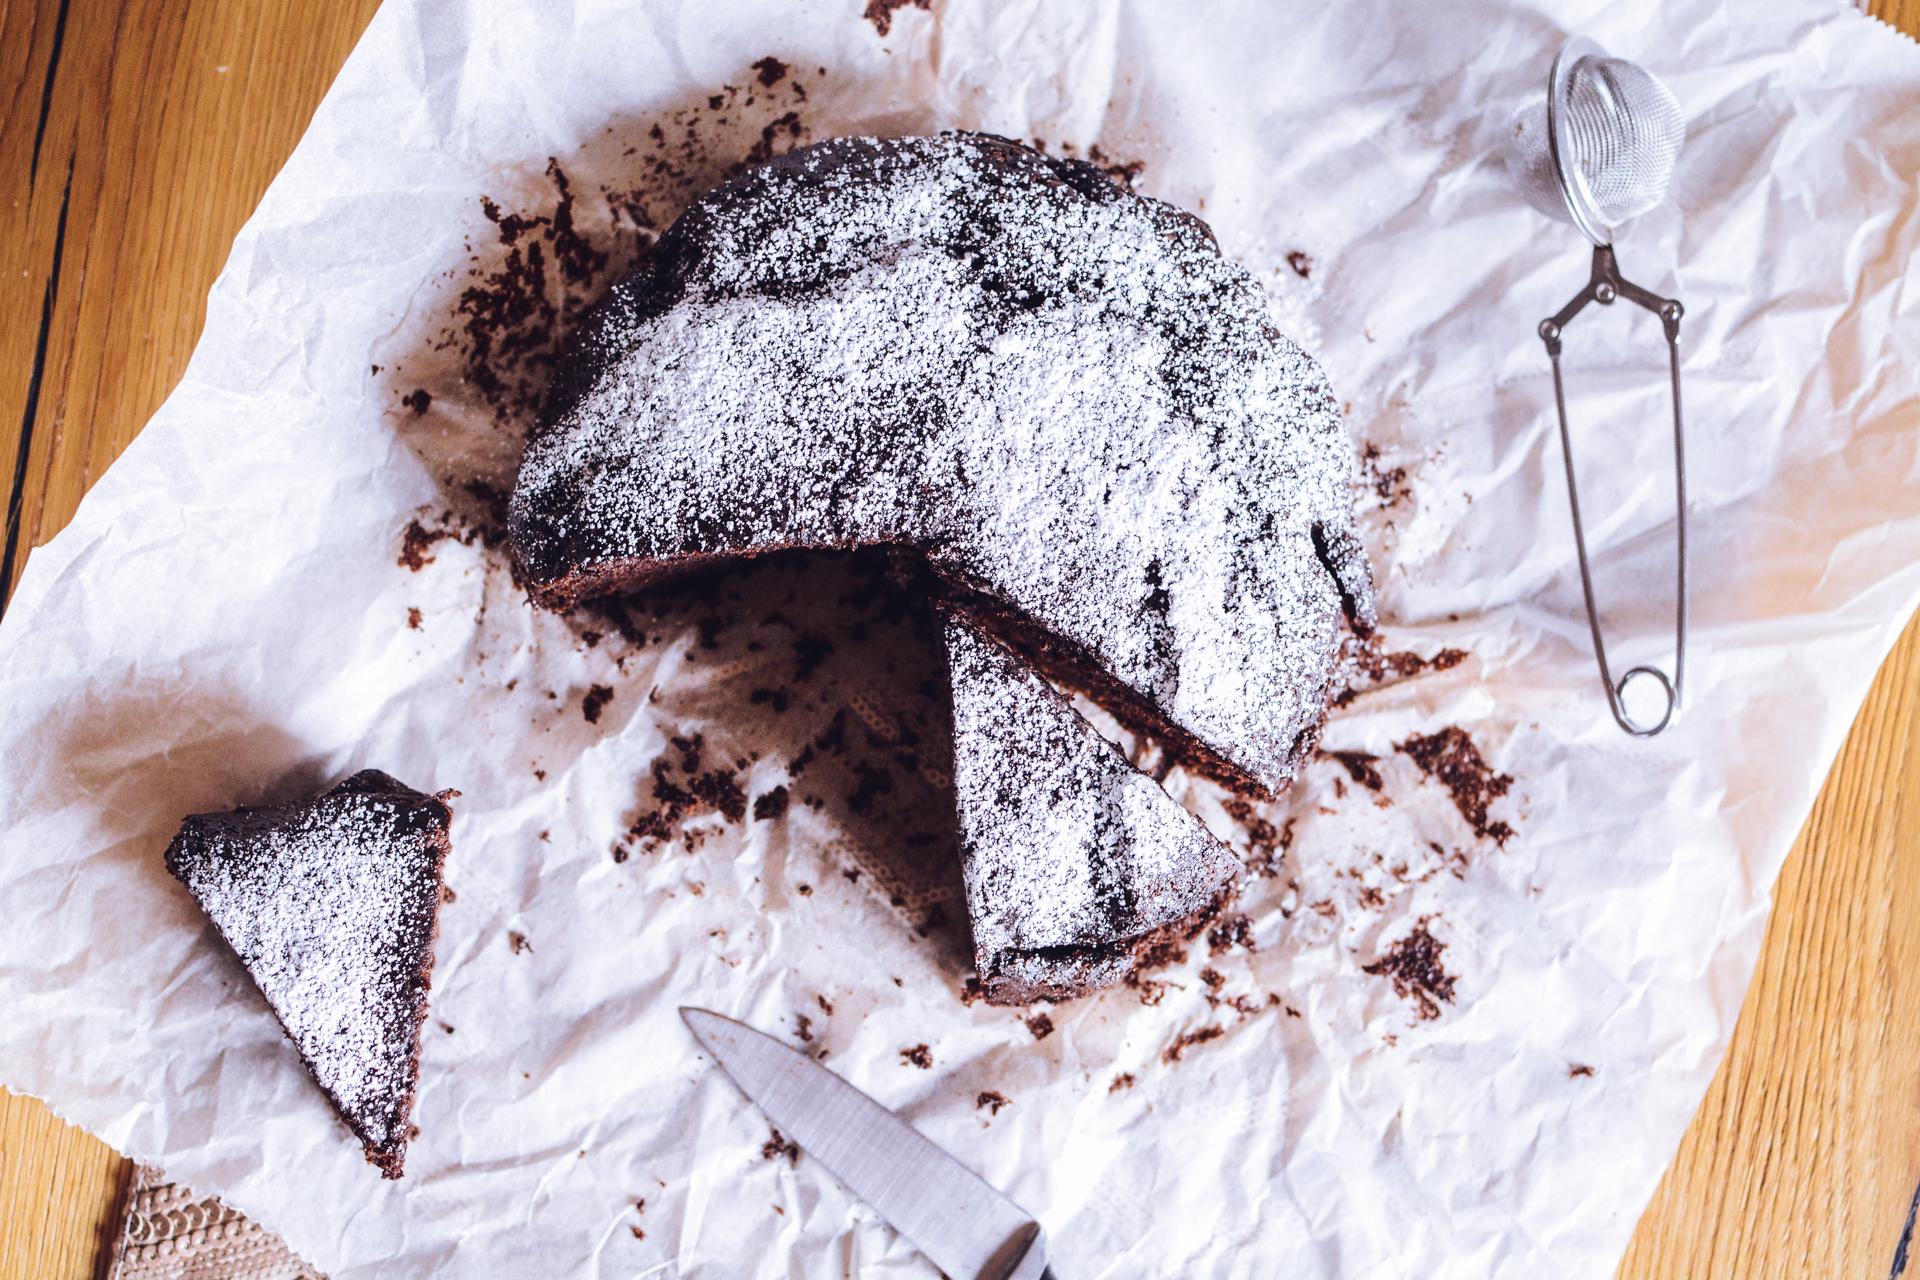 Wegańskie ciasto czekoladowe - bez nabiału, bez jajek 3